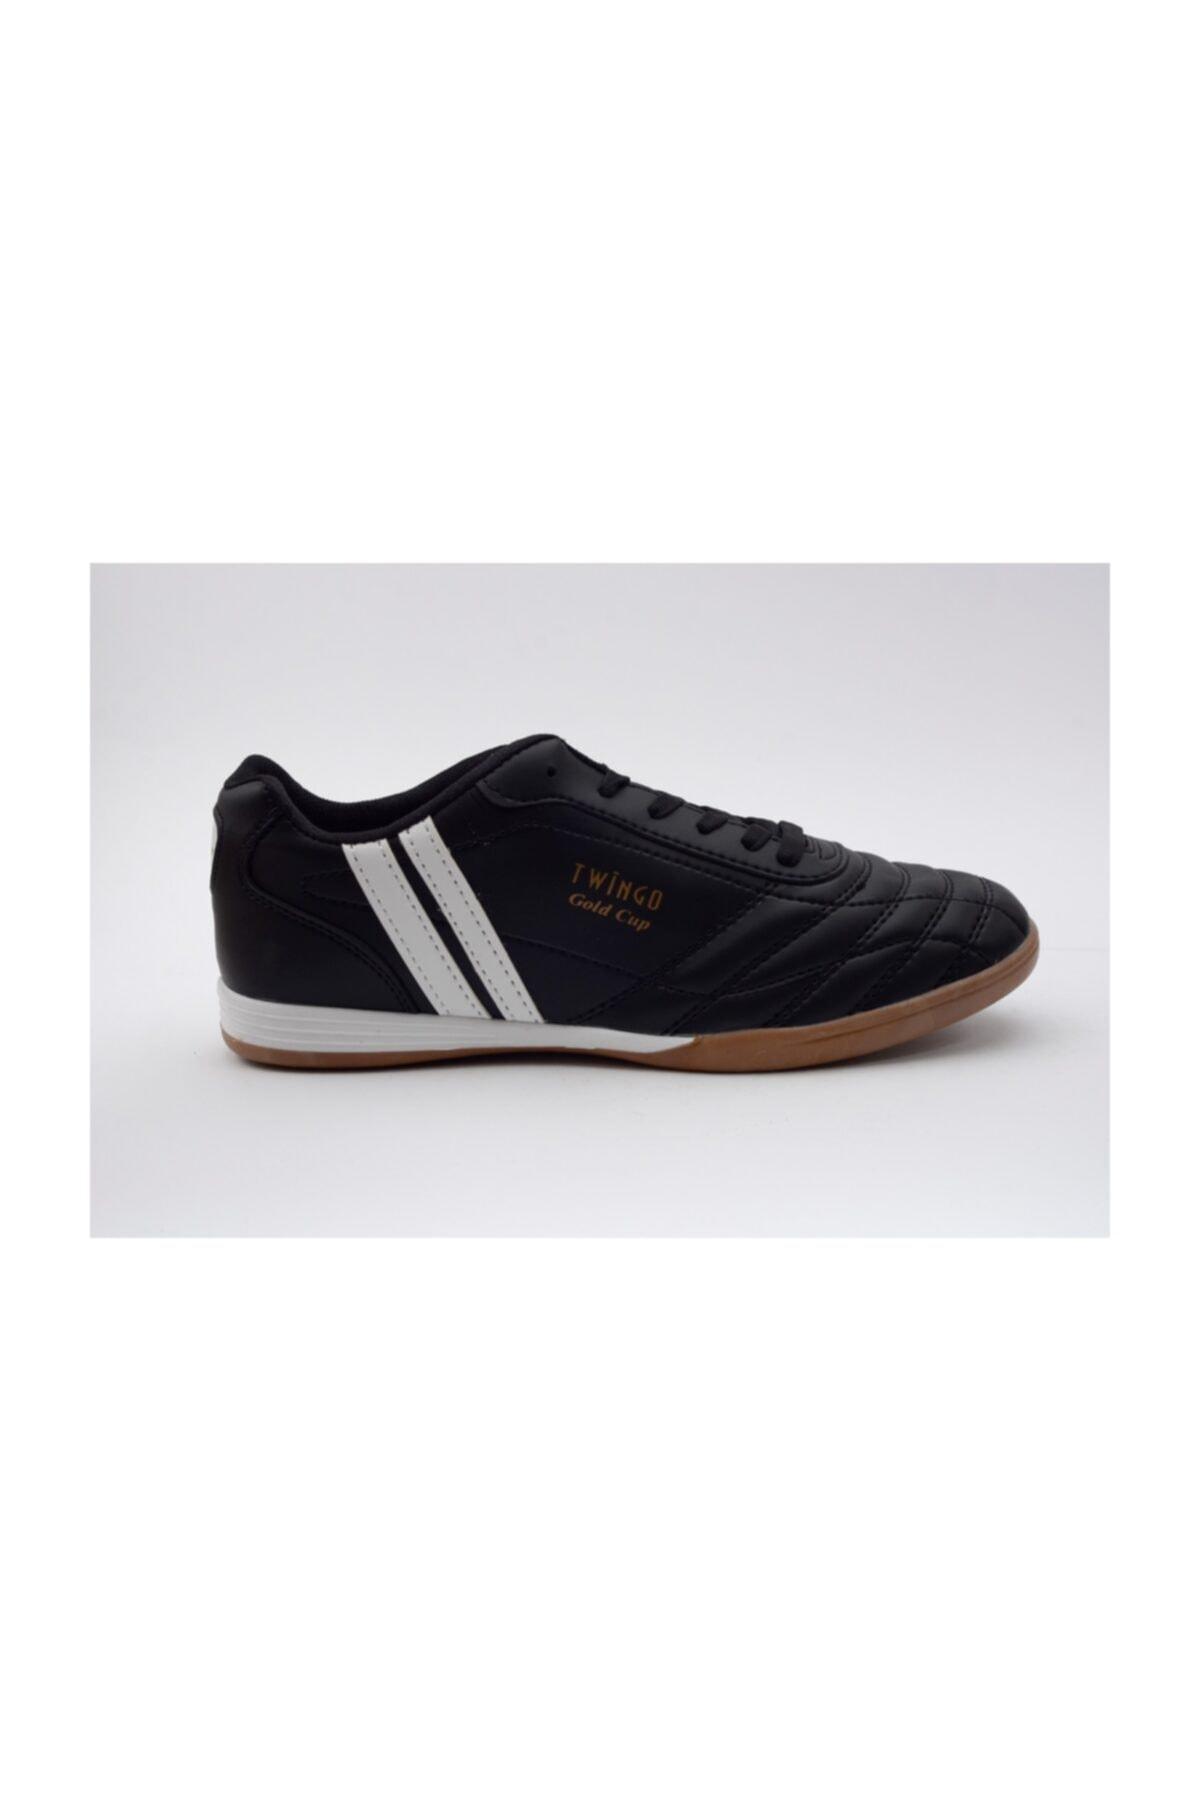 Twingo Spor Ayakkabı Futsal 1